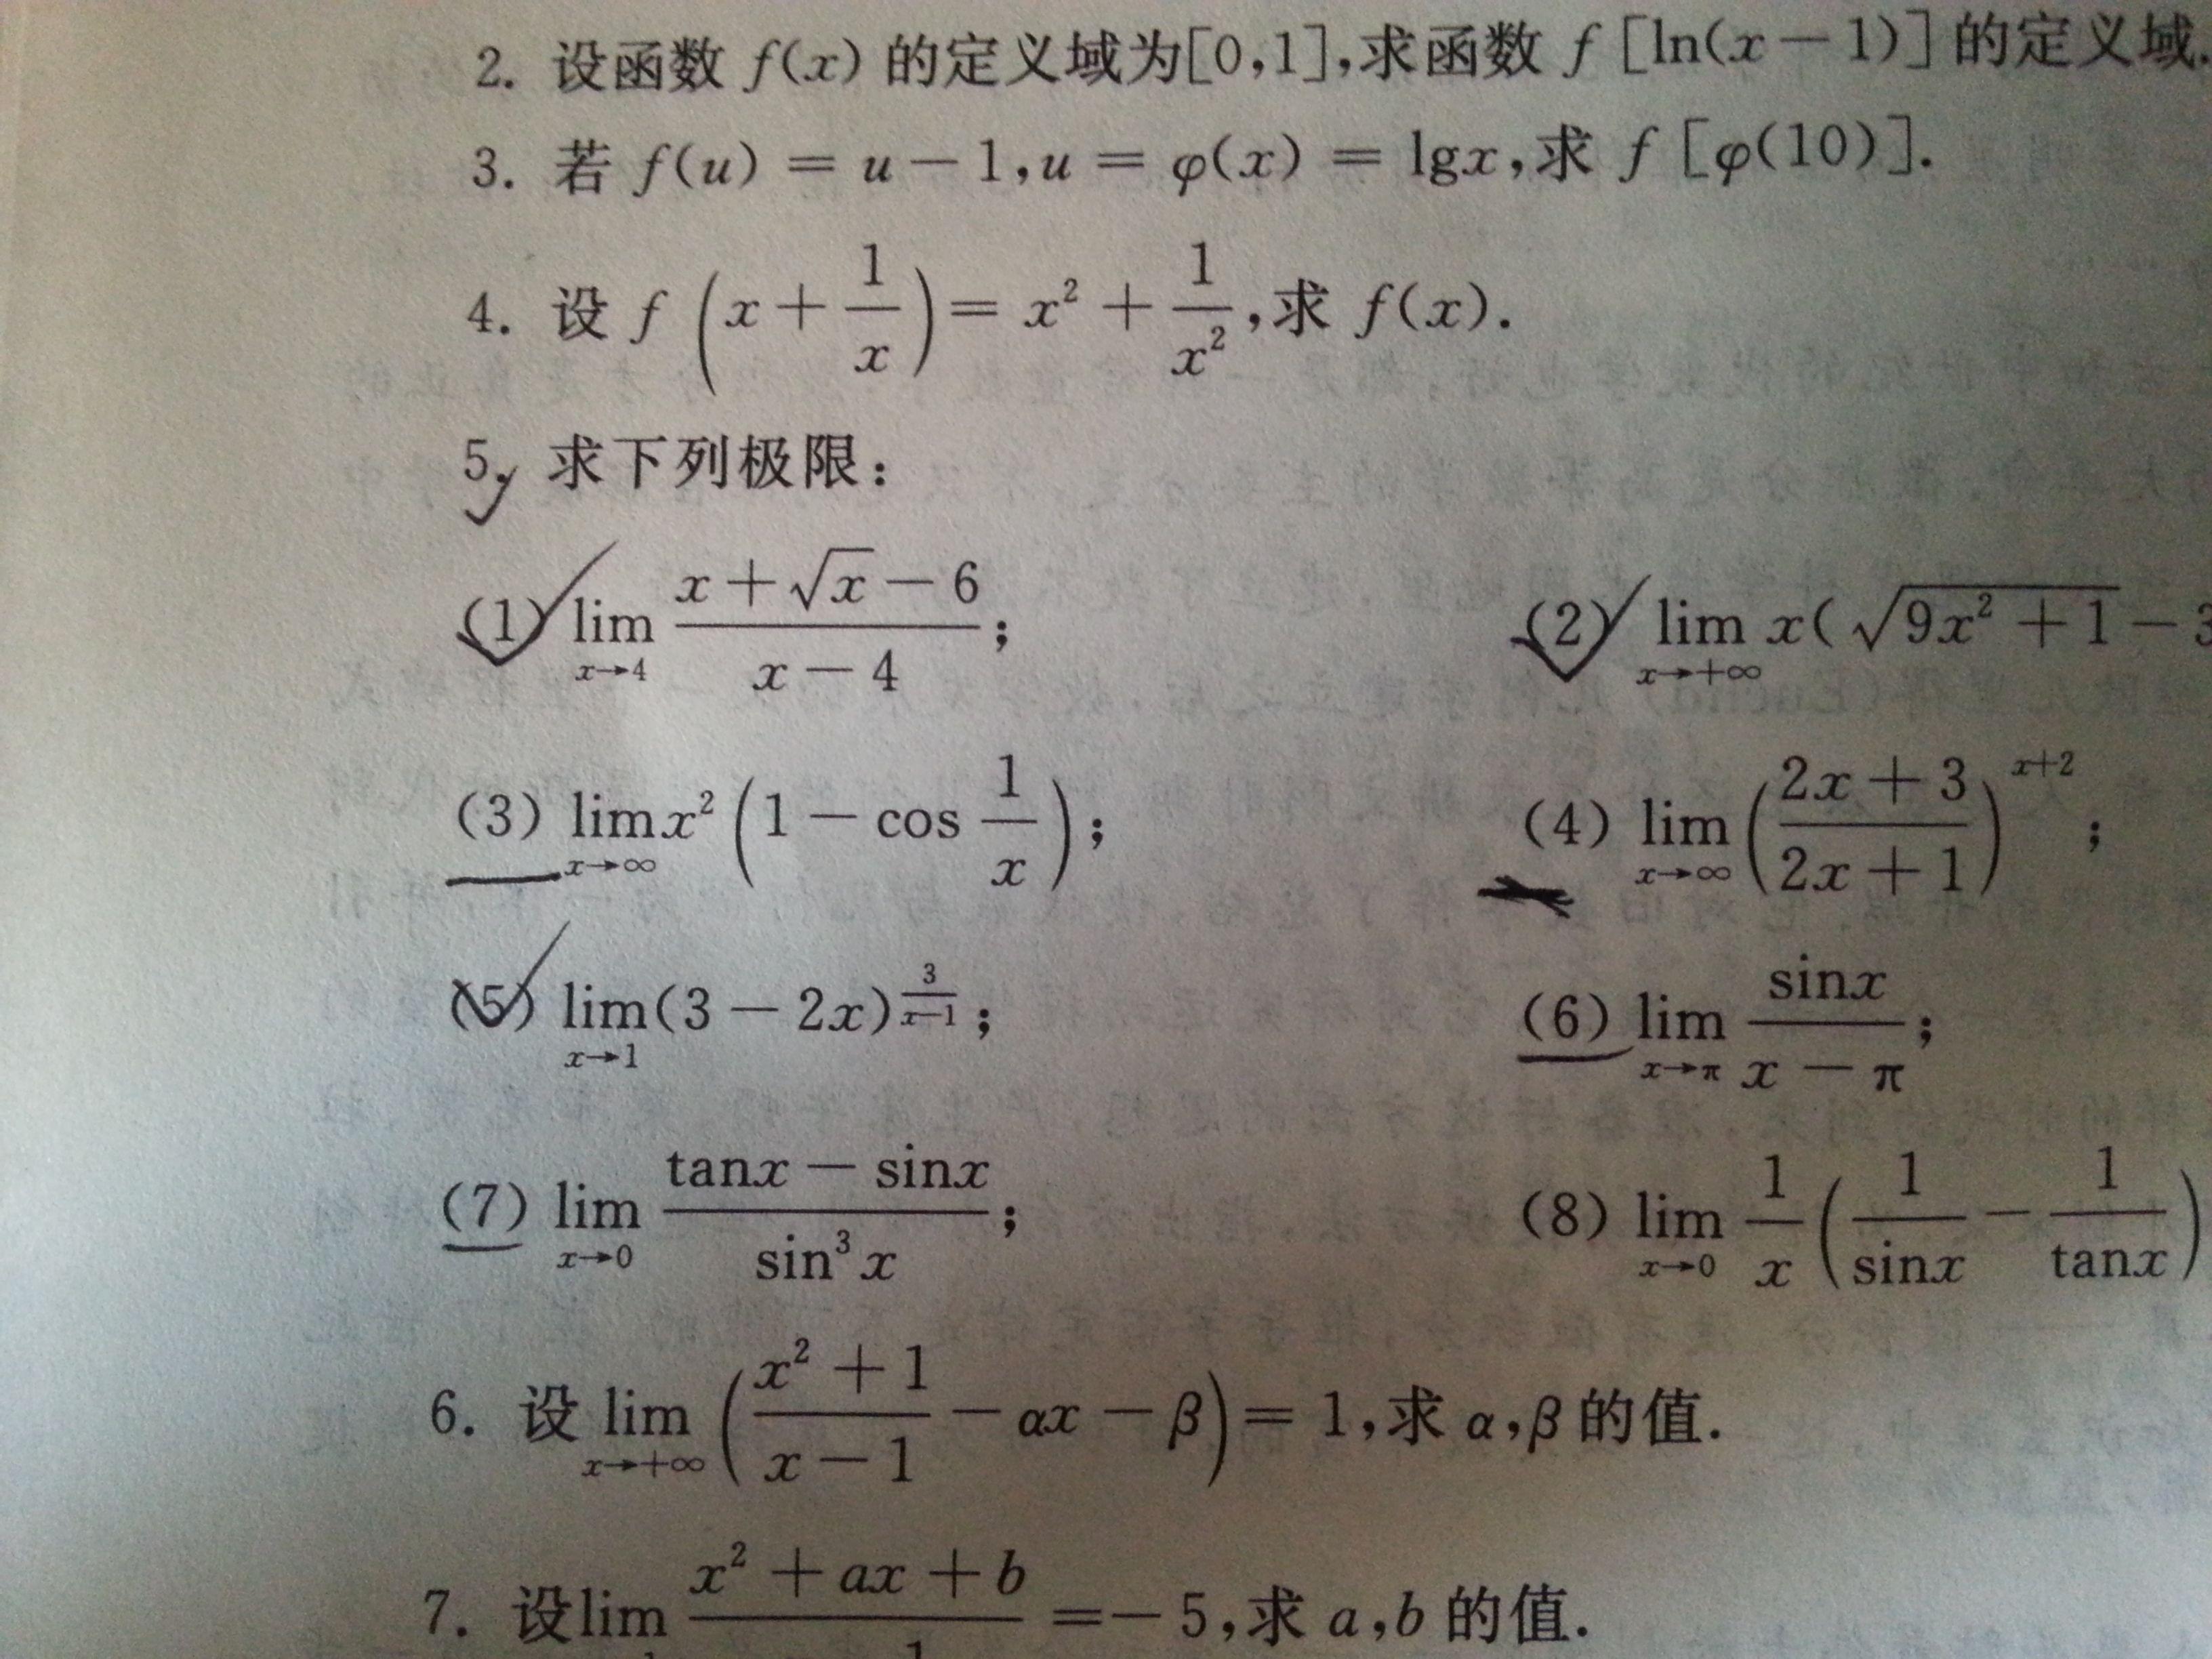 大一高数下册练题_(大一高等数学)这三道数学题怎么做?求详解(打钩的那些)